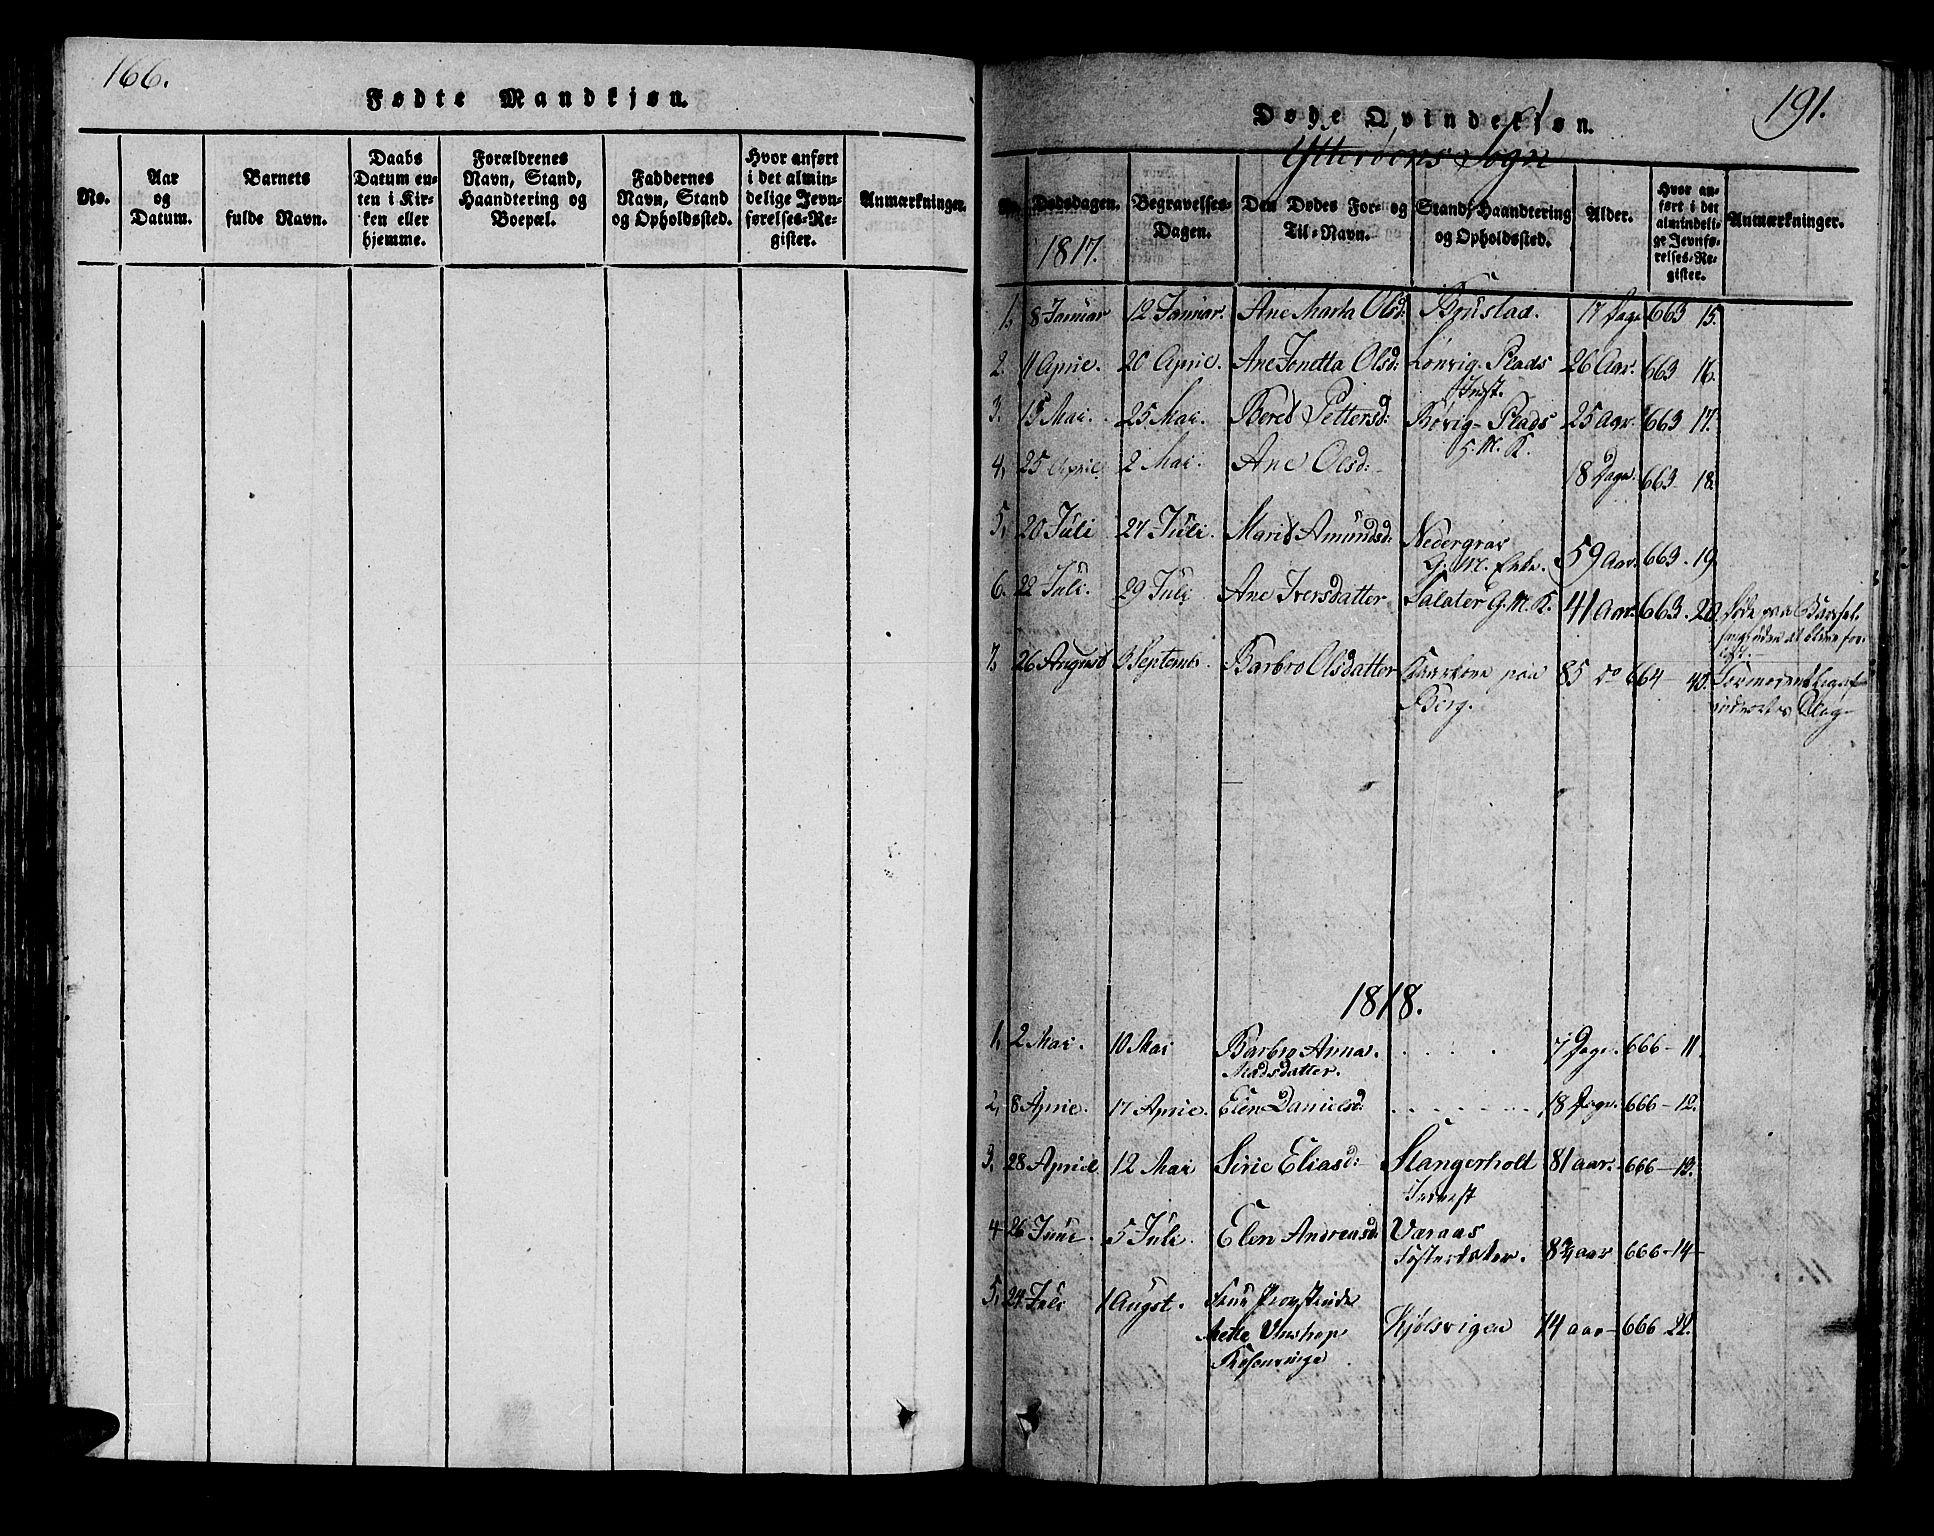 SAT, Ministerialprotokoller, klokkerbøker og fødselsregistre - Nord-Trøndelag, 722/L0217: Ministerialbok nr. 722A04, 1817-1842, s. 166-191